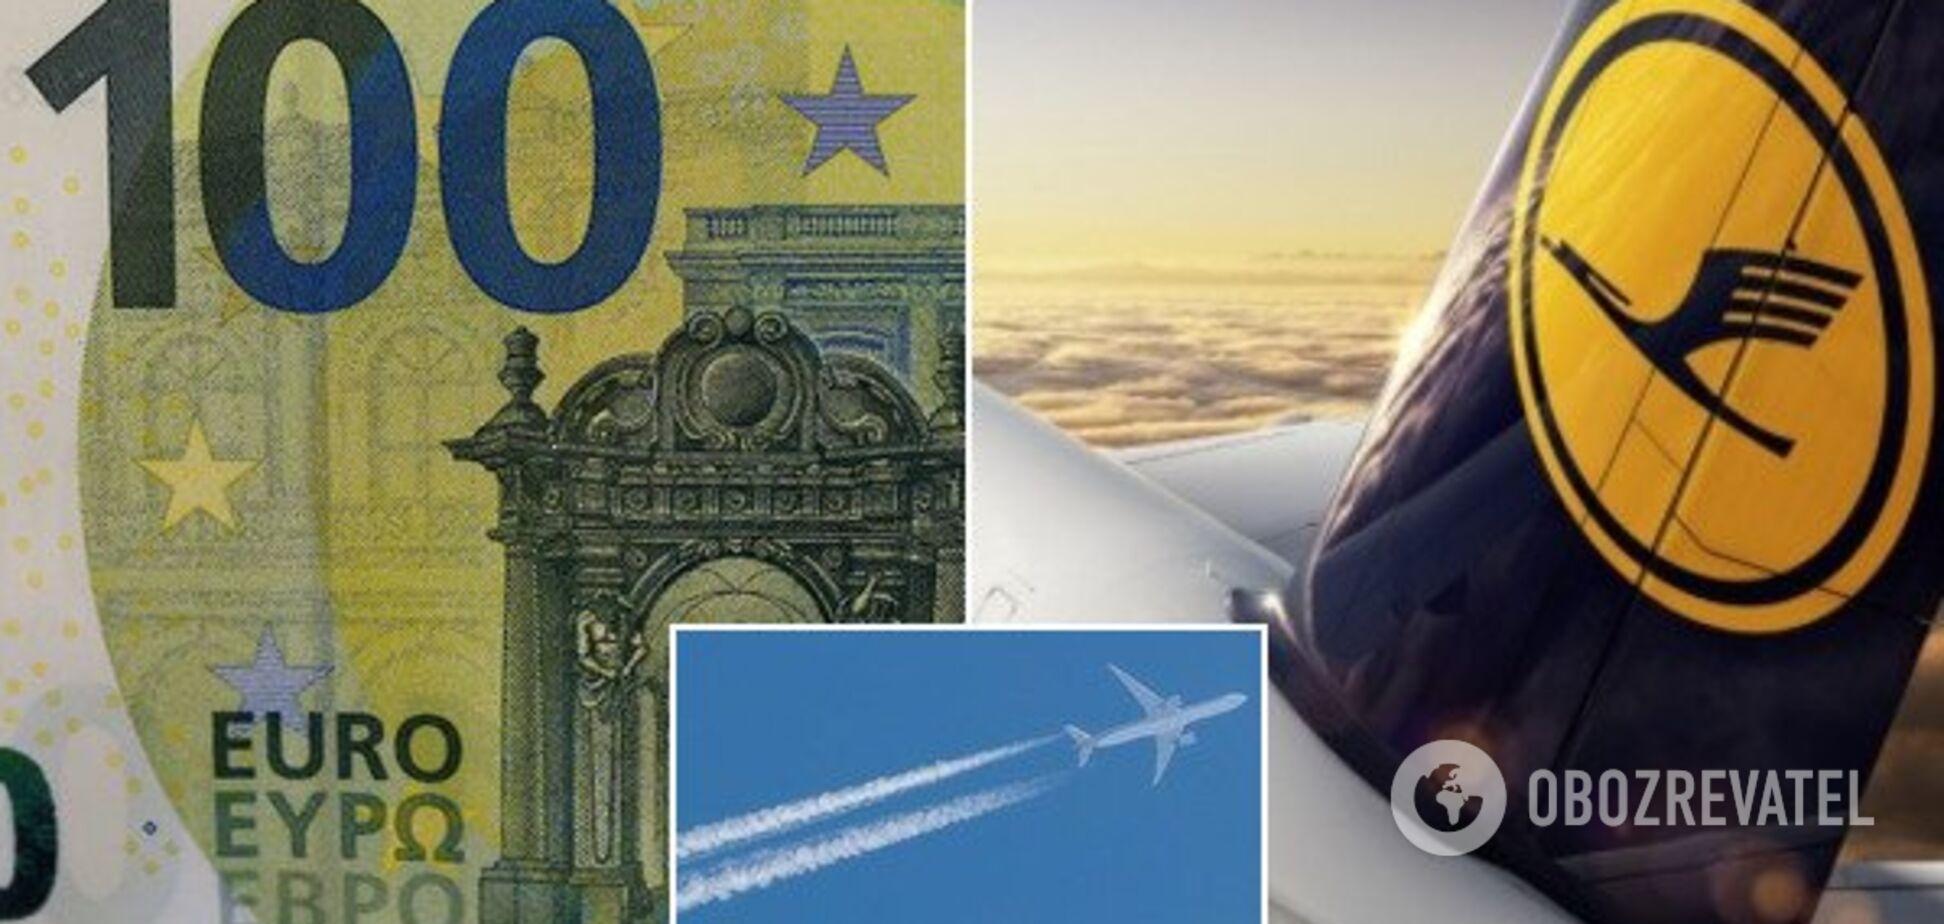 Заплатят сами клиенты: Lufthansa придумала новшество ради спасения планеты